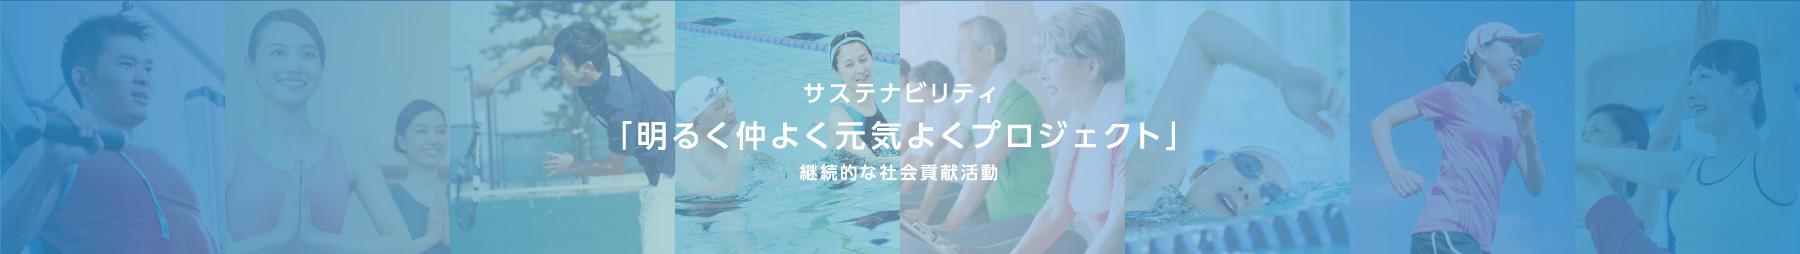 CSR「明るく仲よく元気よくプロジェクト」継続的な社会貢献活動